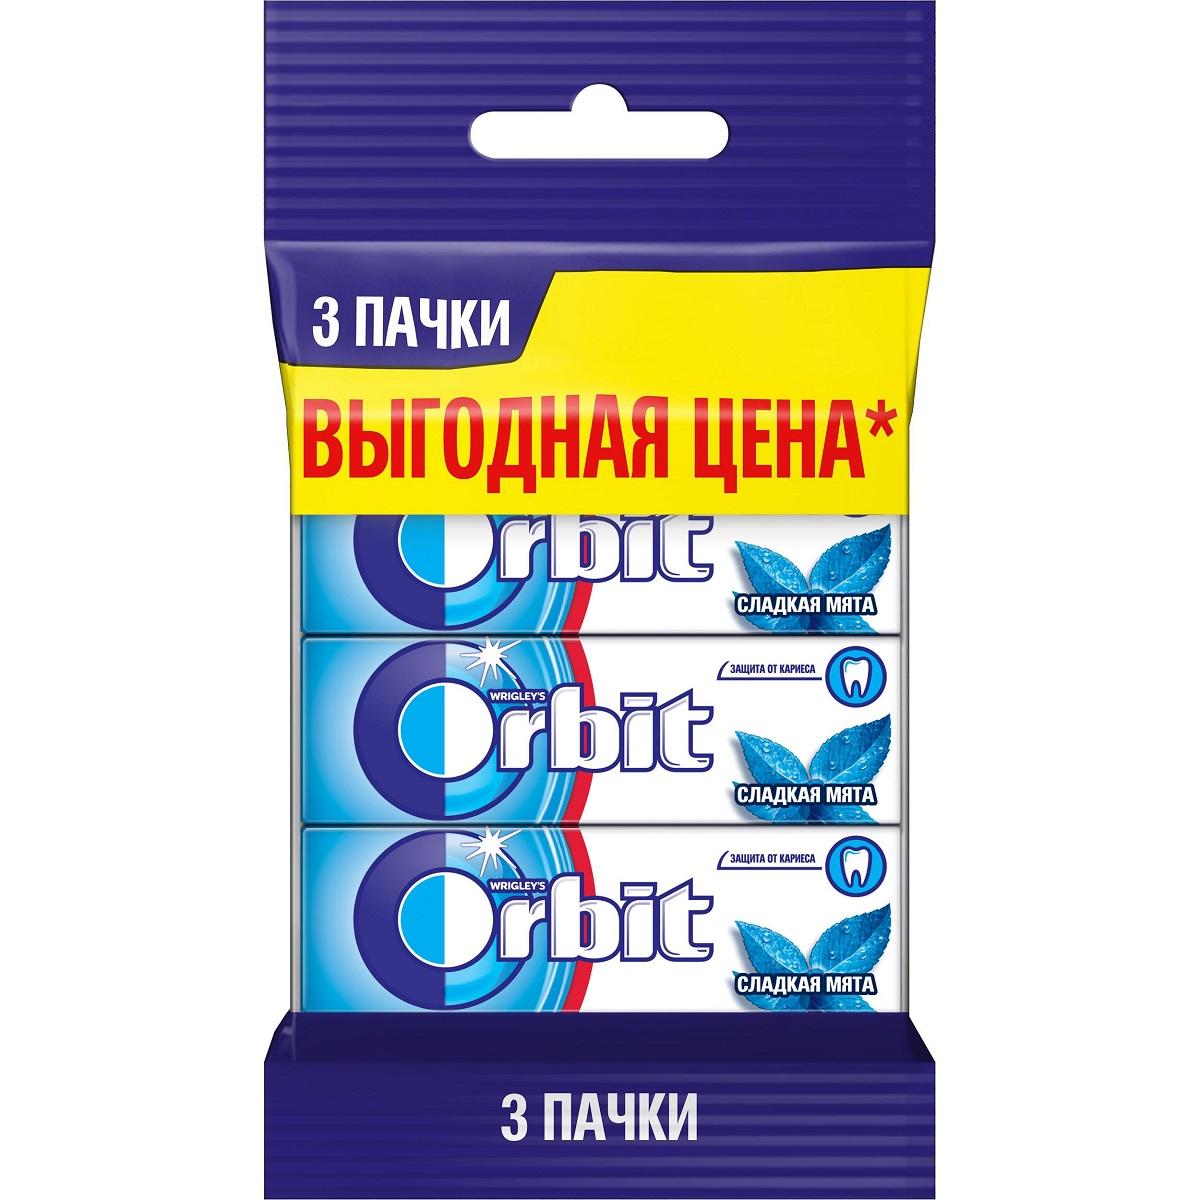 Orbit Сладкая мята жевательная резинка без сахара 3 пачки по 13,6 г3 пачкиЖевательная резинка Orbit® Сладкая Мята без сахара способствует поддержанию здоровья зубов: удаляет остатки пищи, способствует уменьшению зубного налета, нейтрализует вредные кислоты, усиливает процесс реминерализации эмали. *Употребление жевательной резинки каждый раз после еды способствует поддержанию чистоты и здоровья зубов в дополнение к уходу за ротовой полостью с помощью зубной щетки